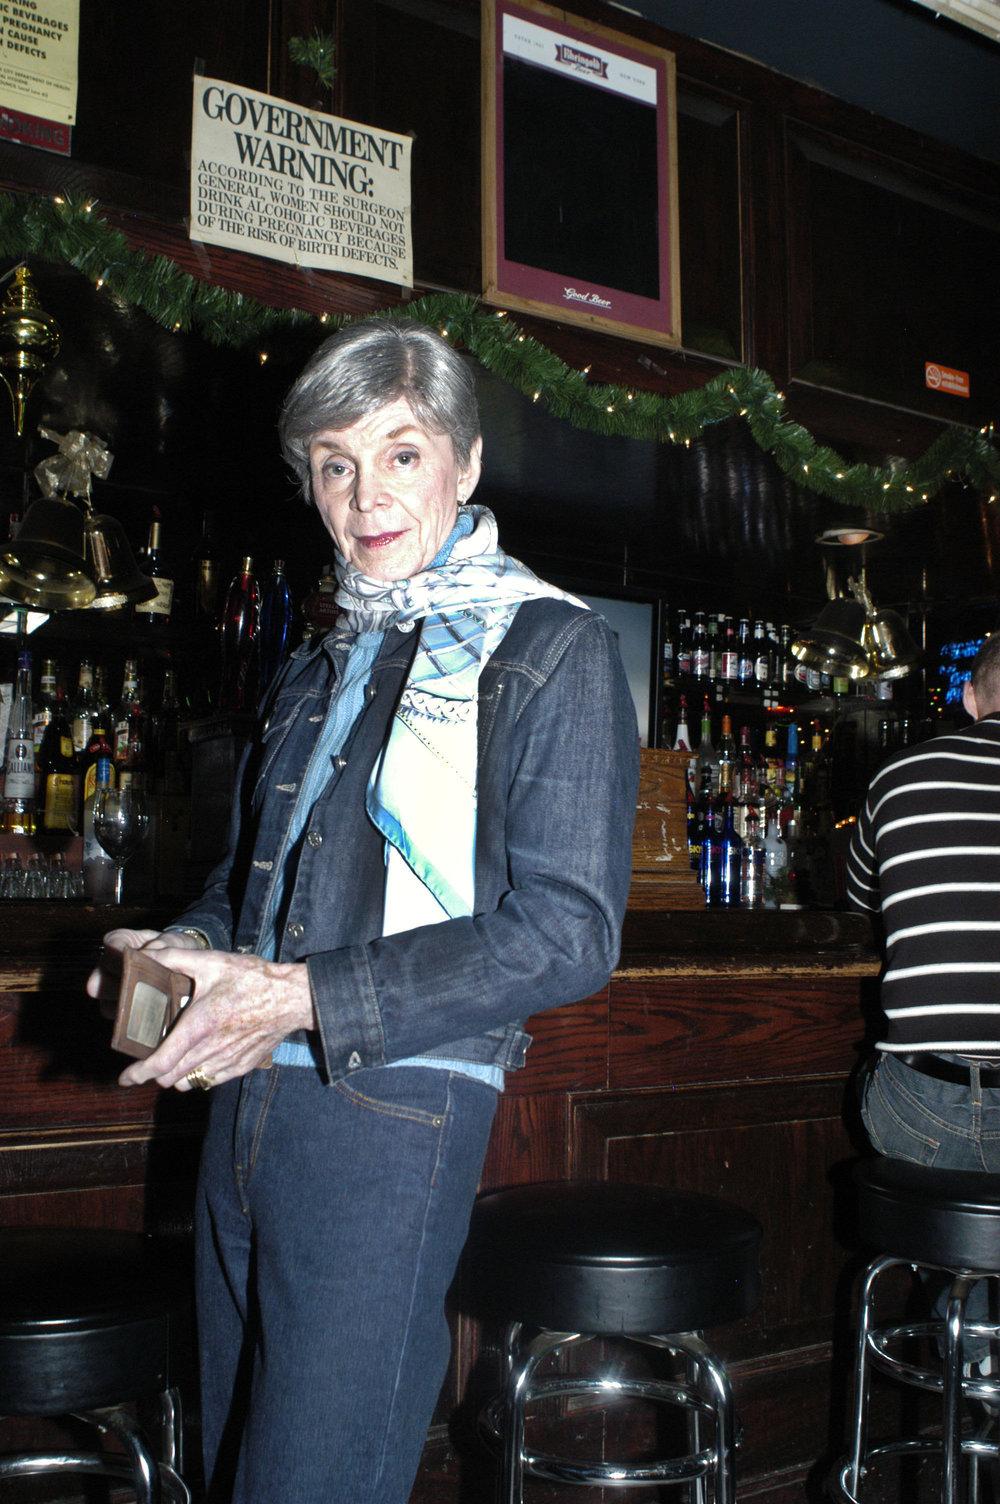 Ashley at the Bar